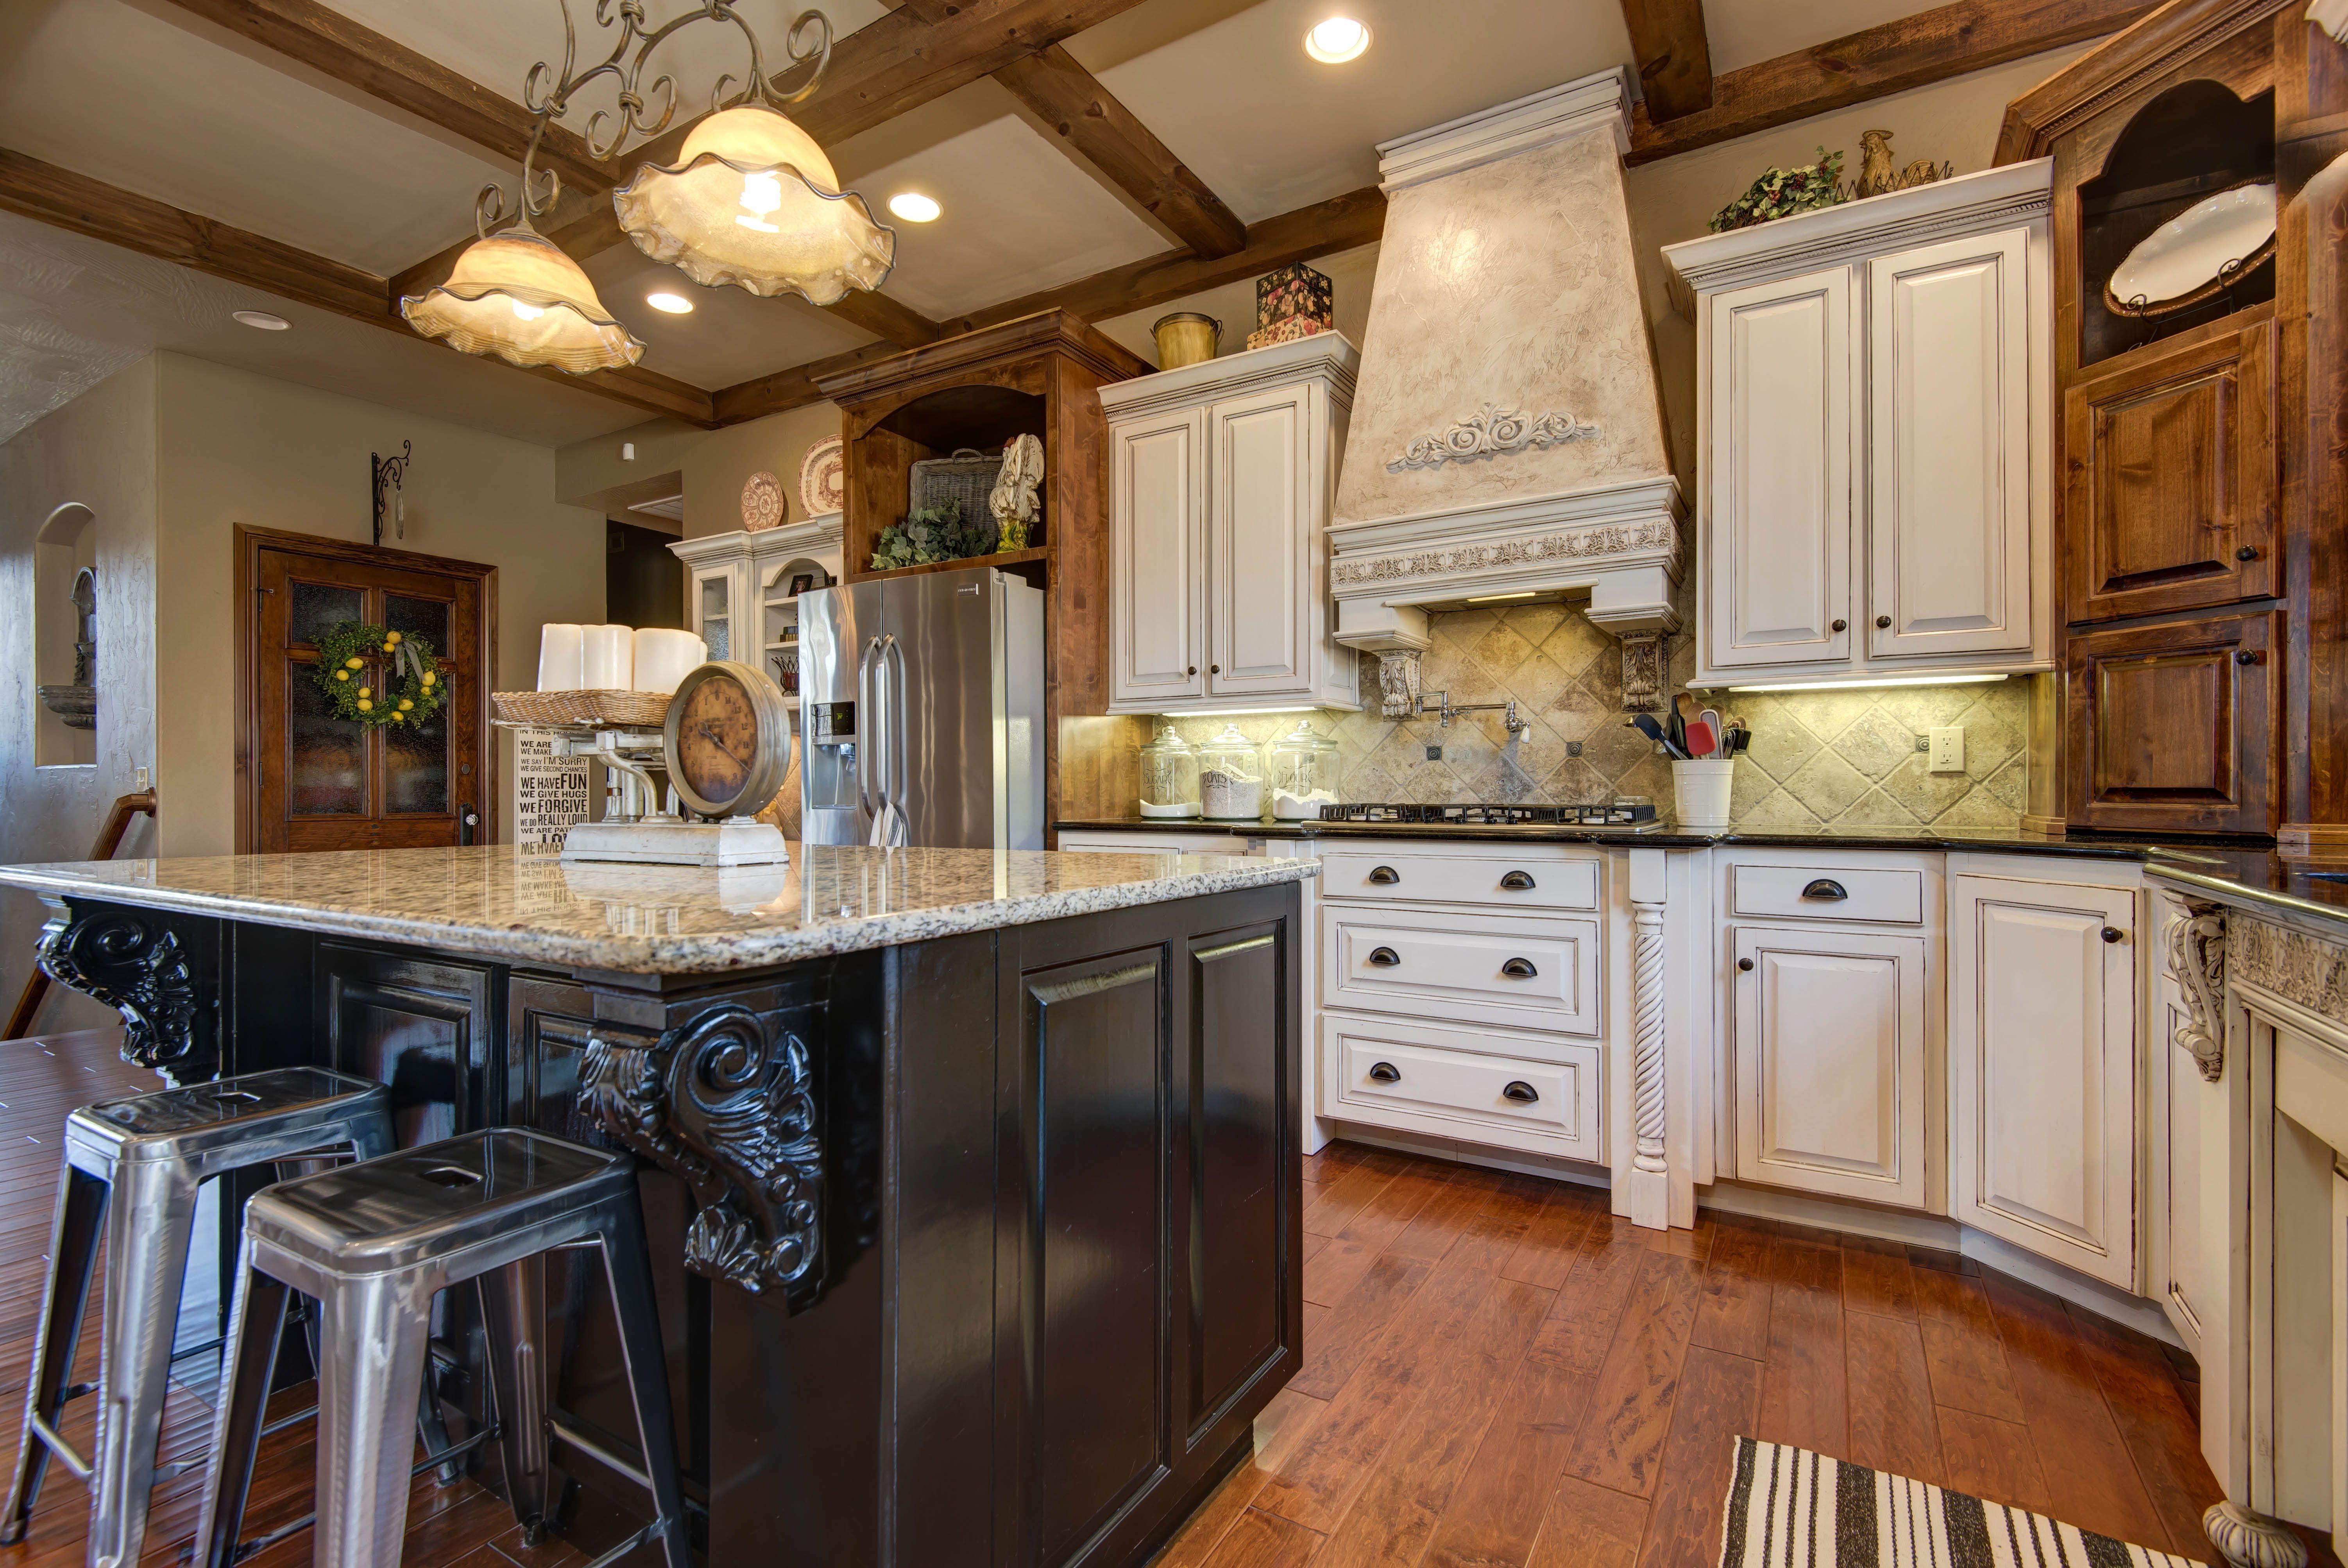 4th Edition Kitchen Design Best Kitchen Designs Wood Plank Flooring